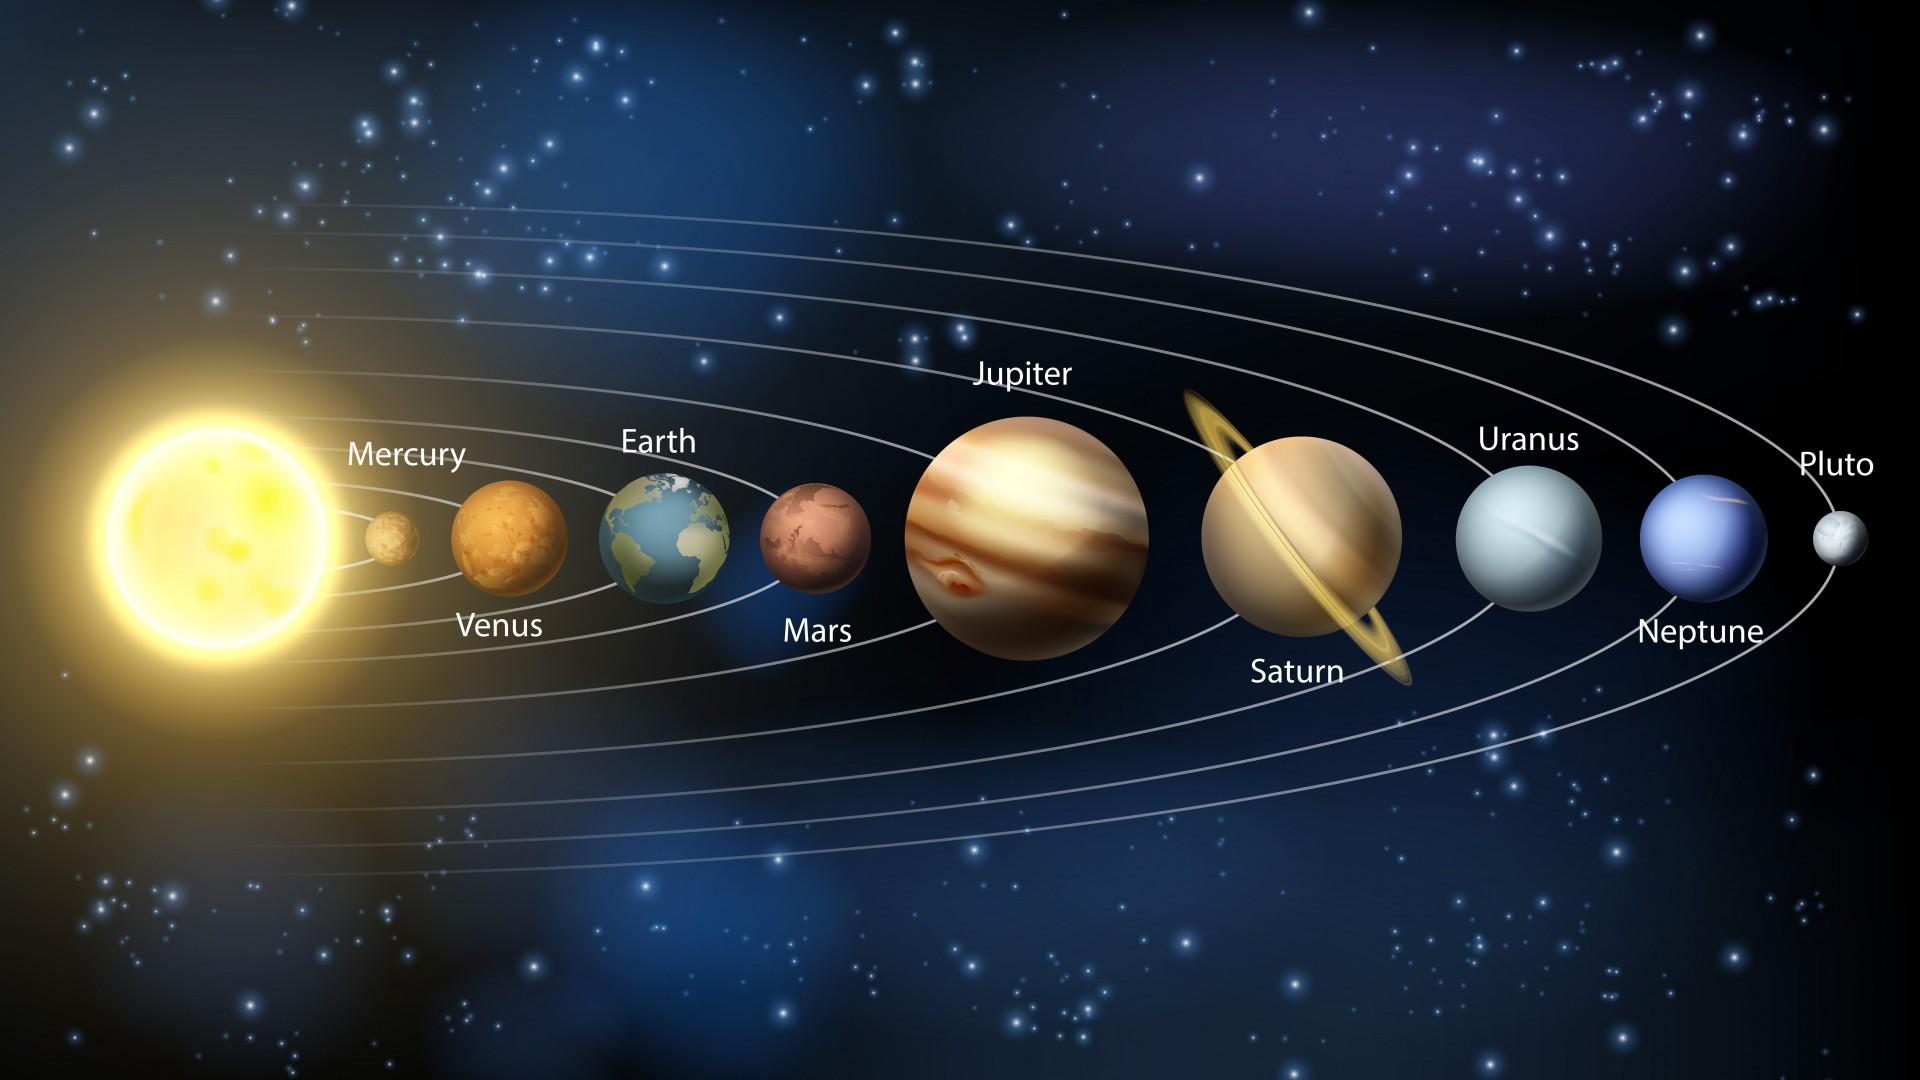 Sistema Solar En Orden Full HD En Fondos 1080